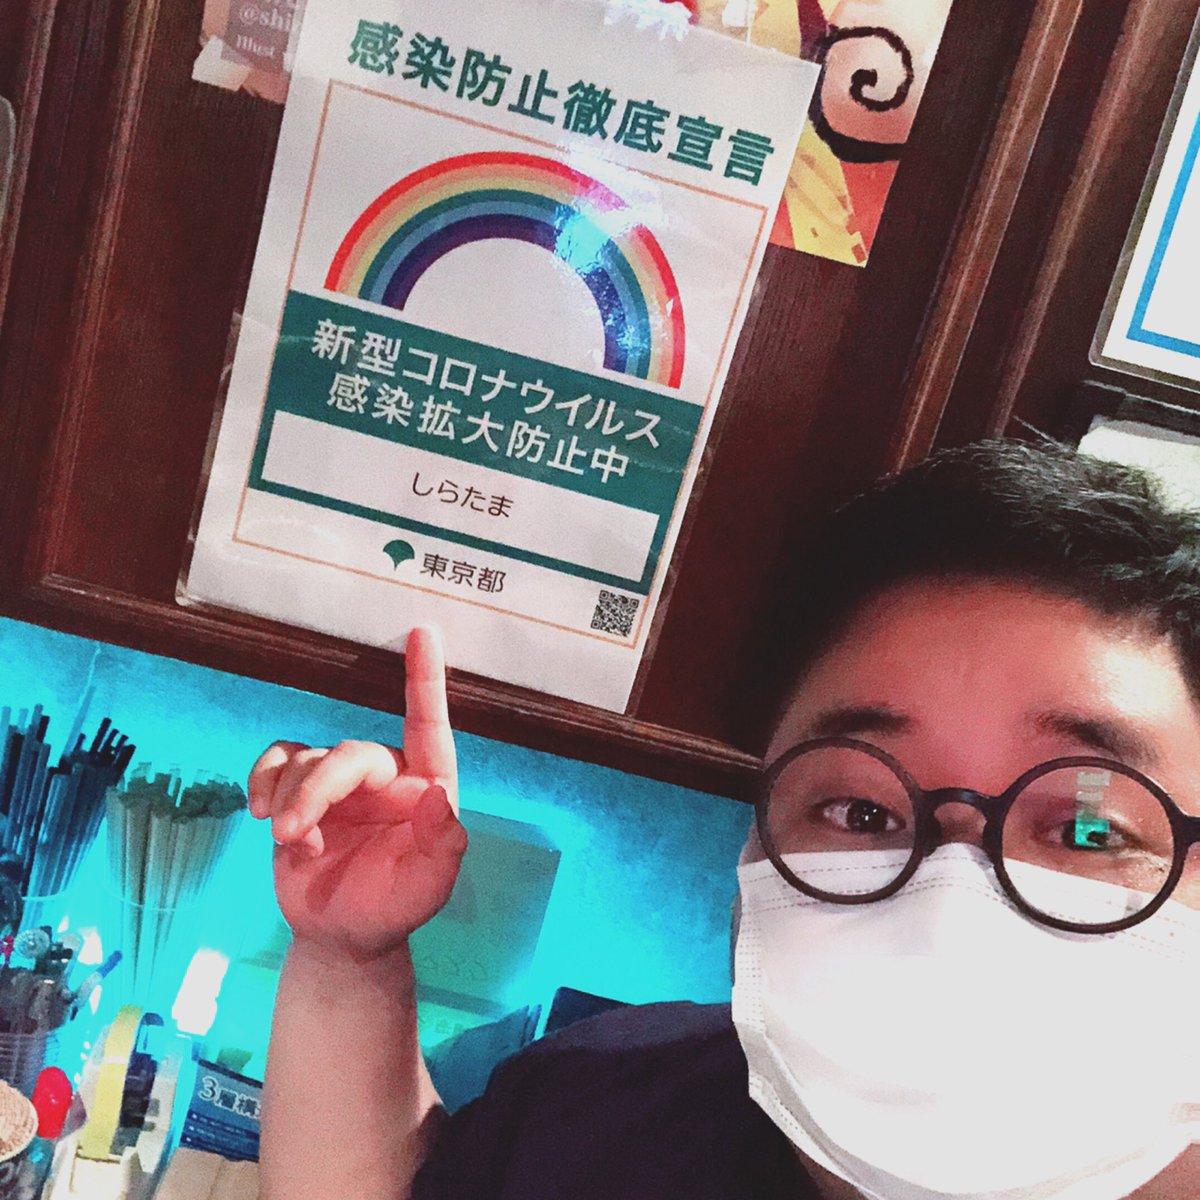 ゲイ 動画 デブ ともき